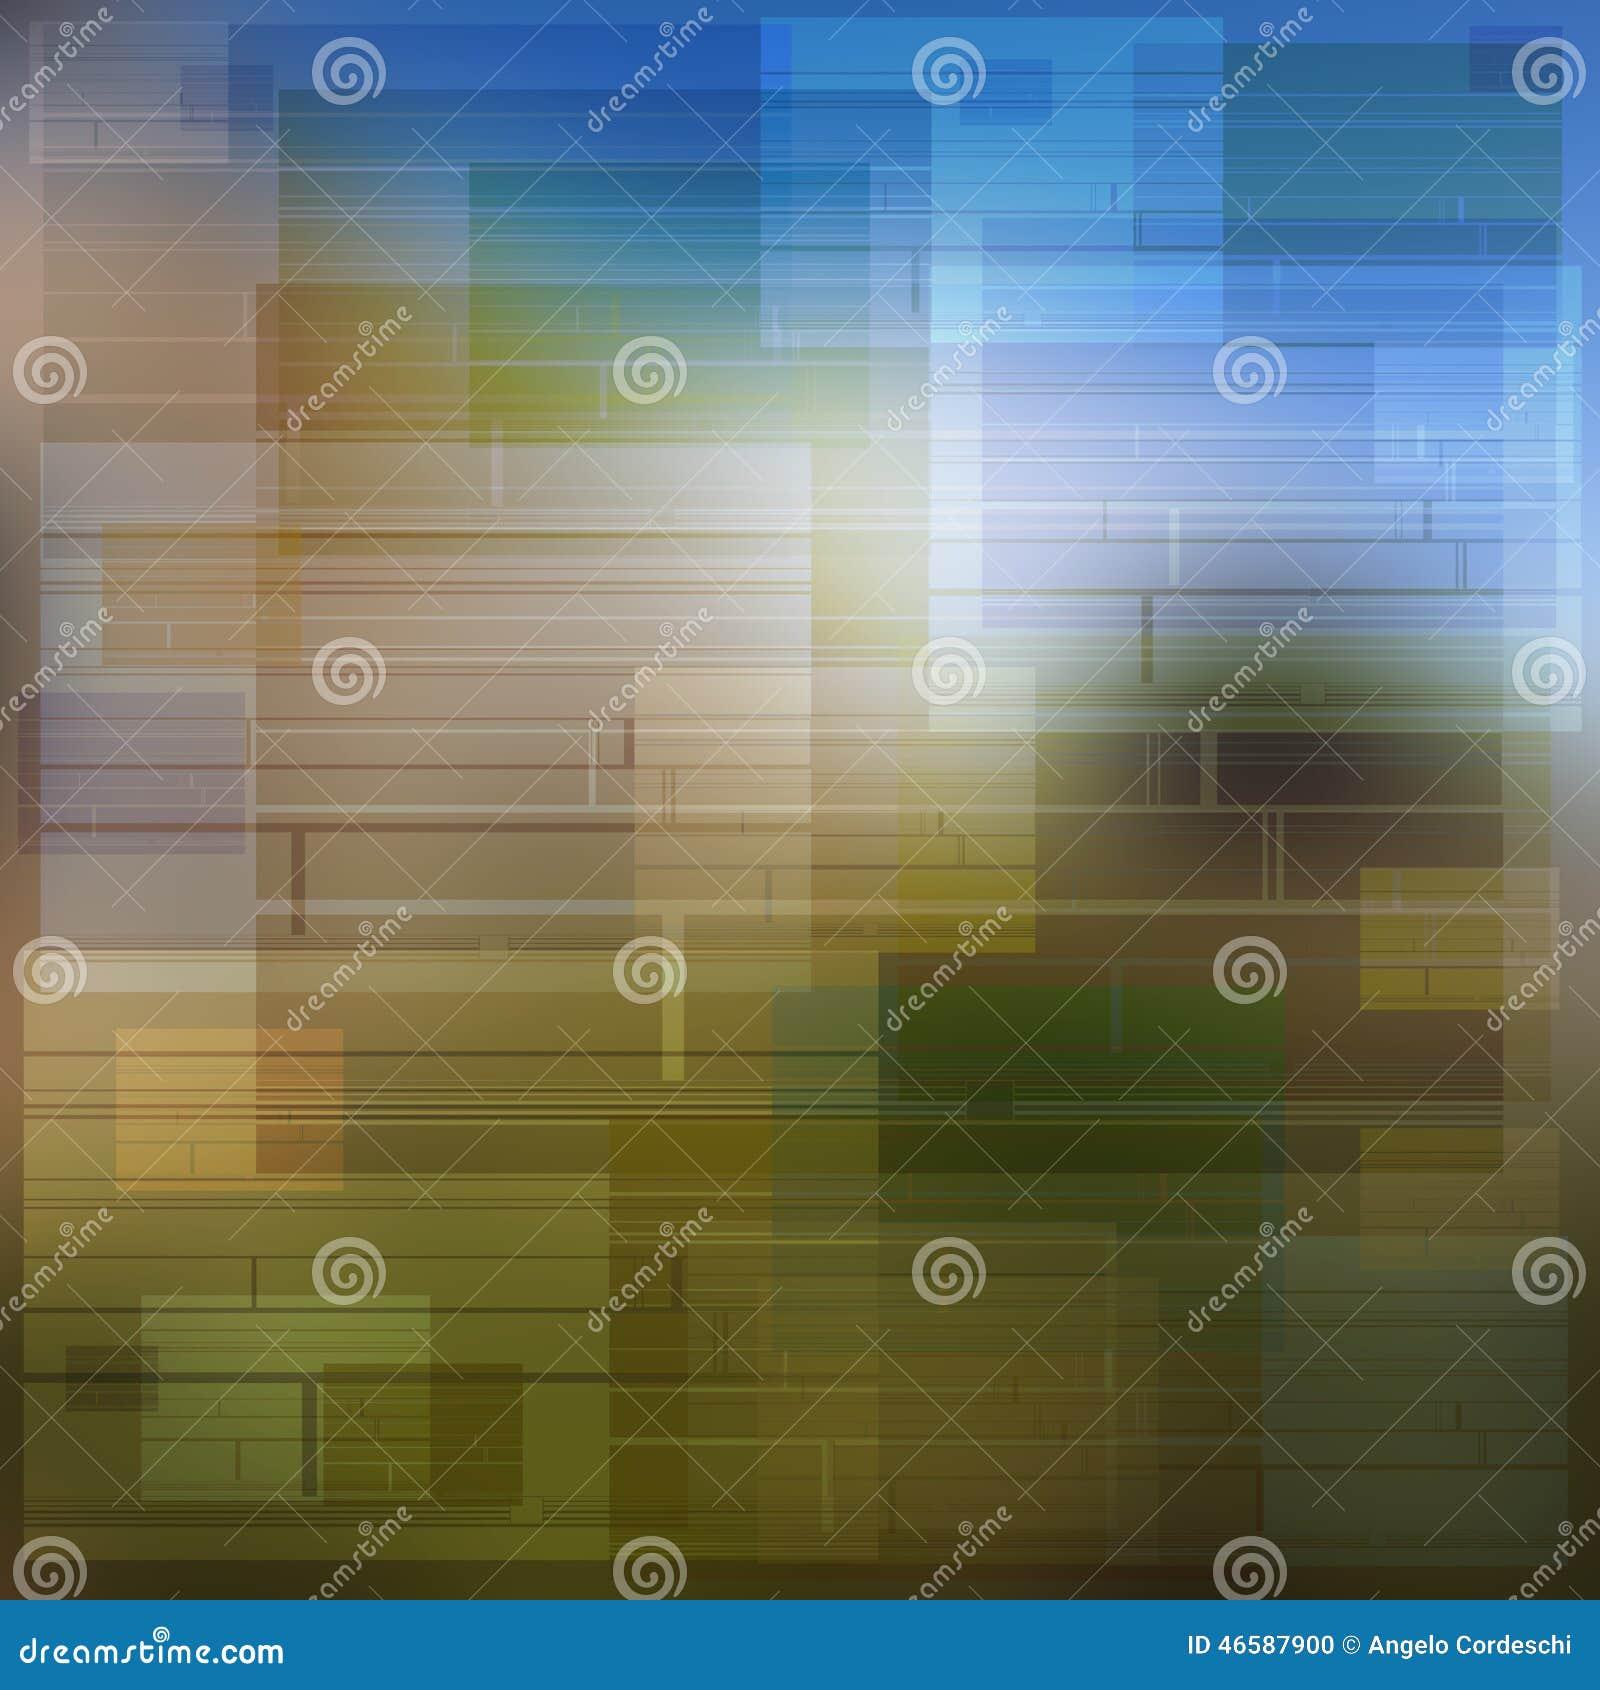 Υπόβαθρο ιδέας των πολύχρωμων τετραγώνων και των σκιών ορθογωνίων